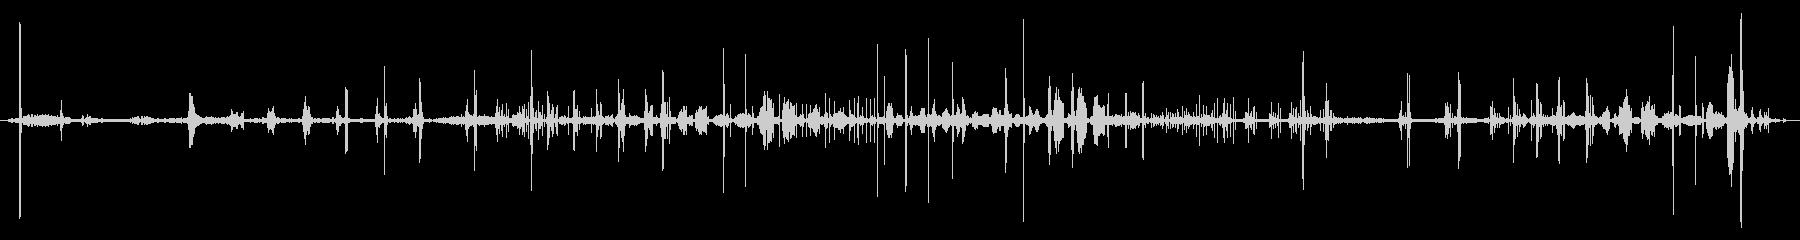 スターリング:鳴き声、動物の鳥の未再生の波形